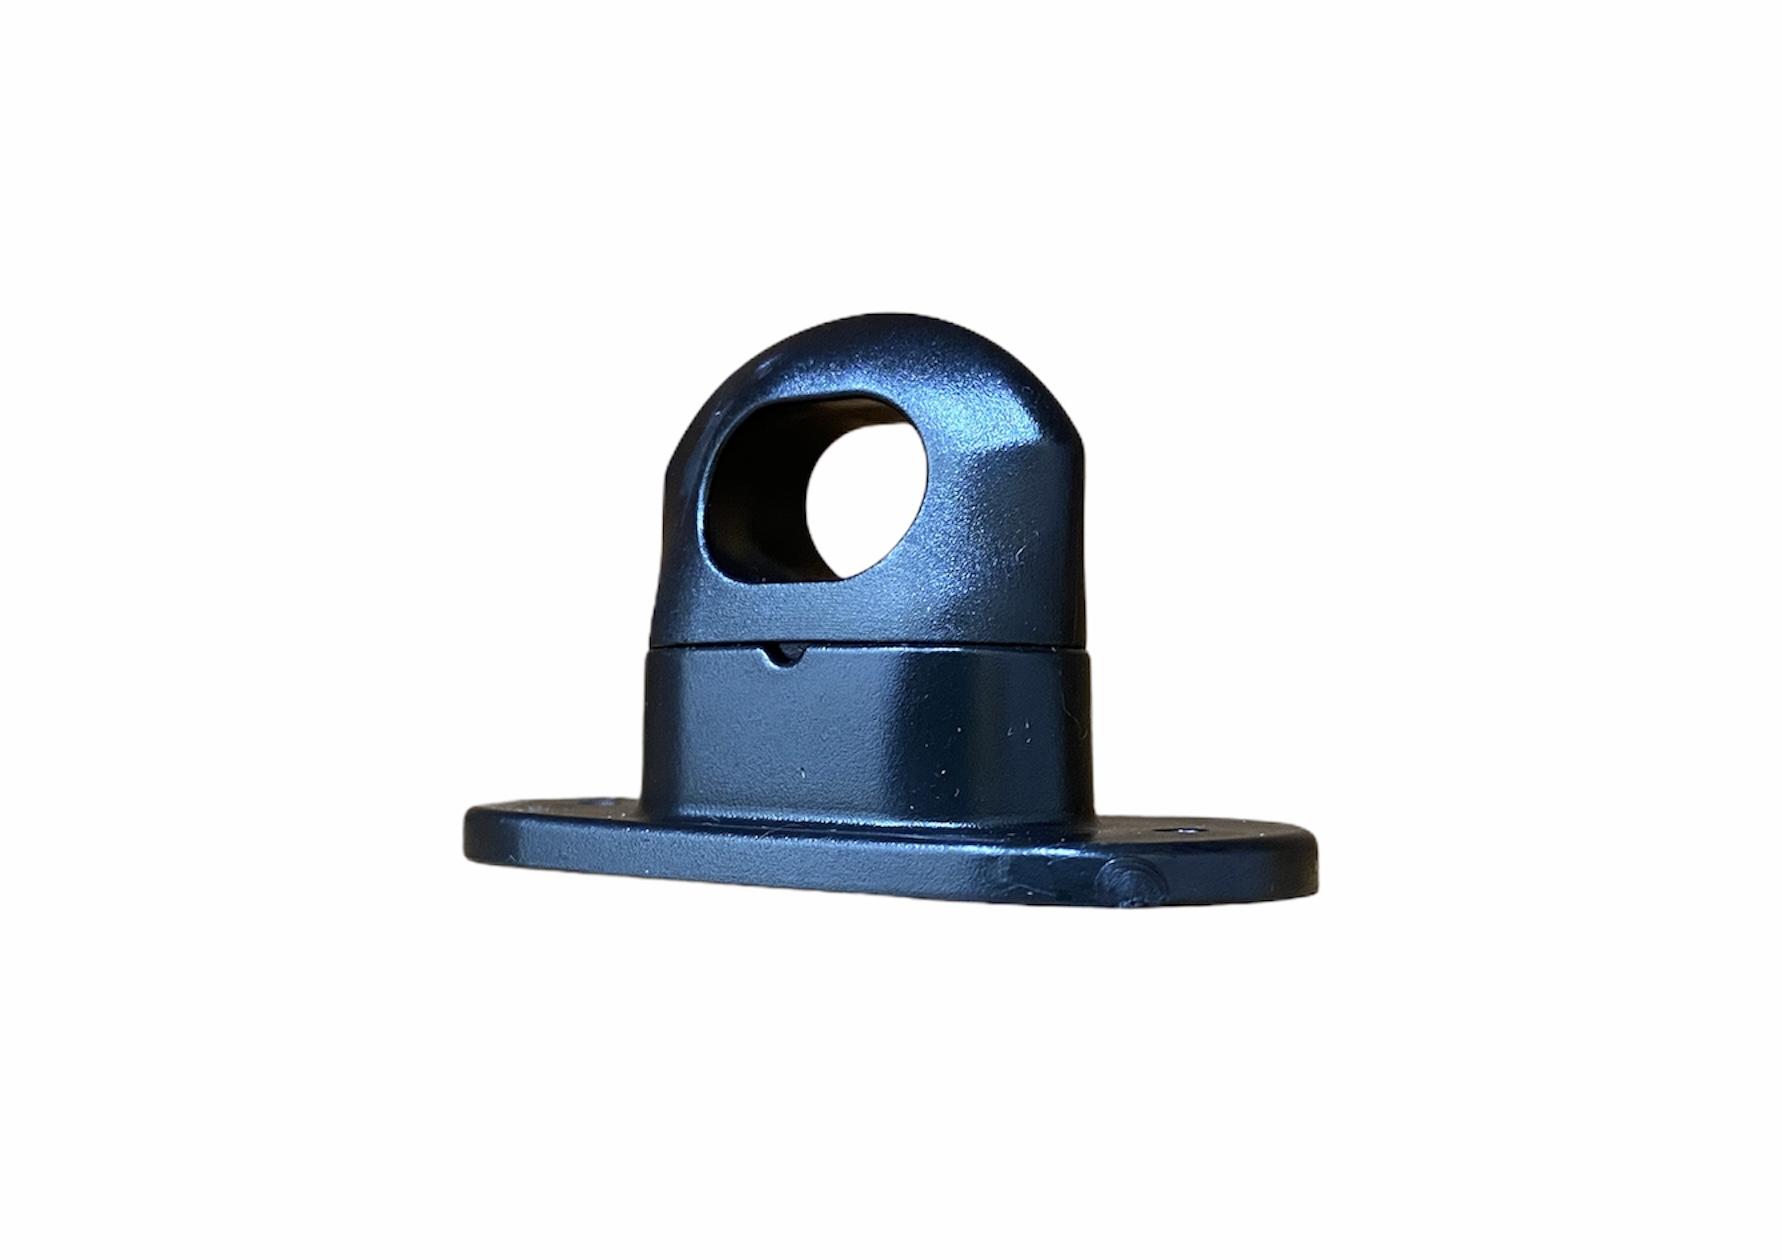 Скоба поворотная черная пластик H-17mm., h-25mm. (100шт.)